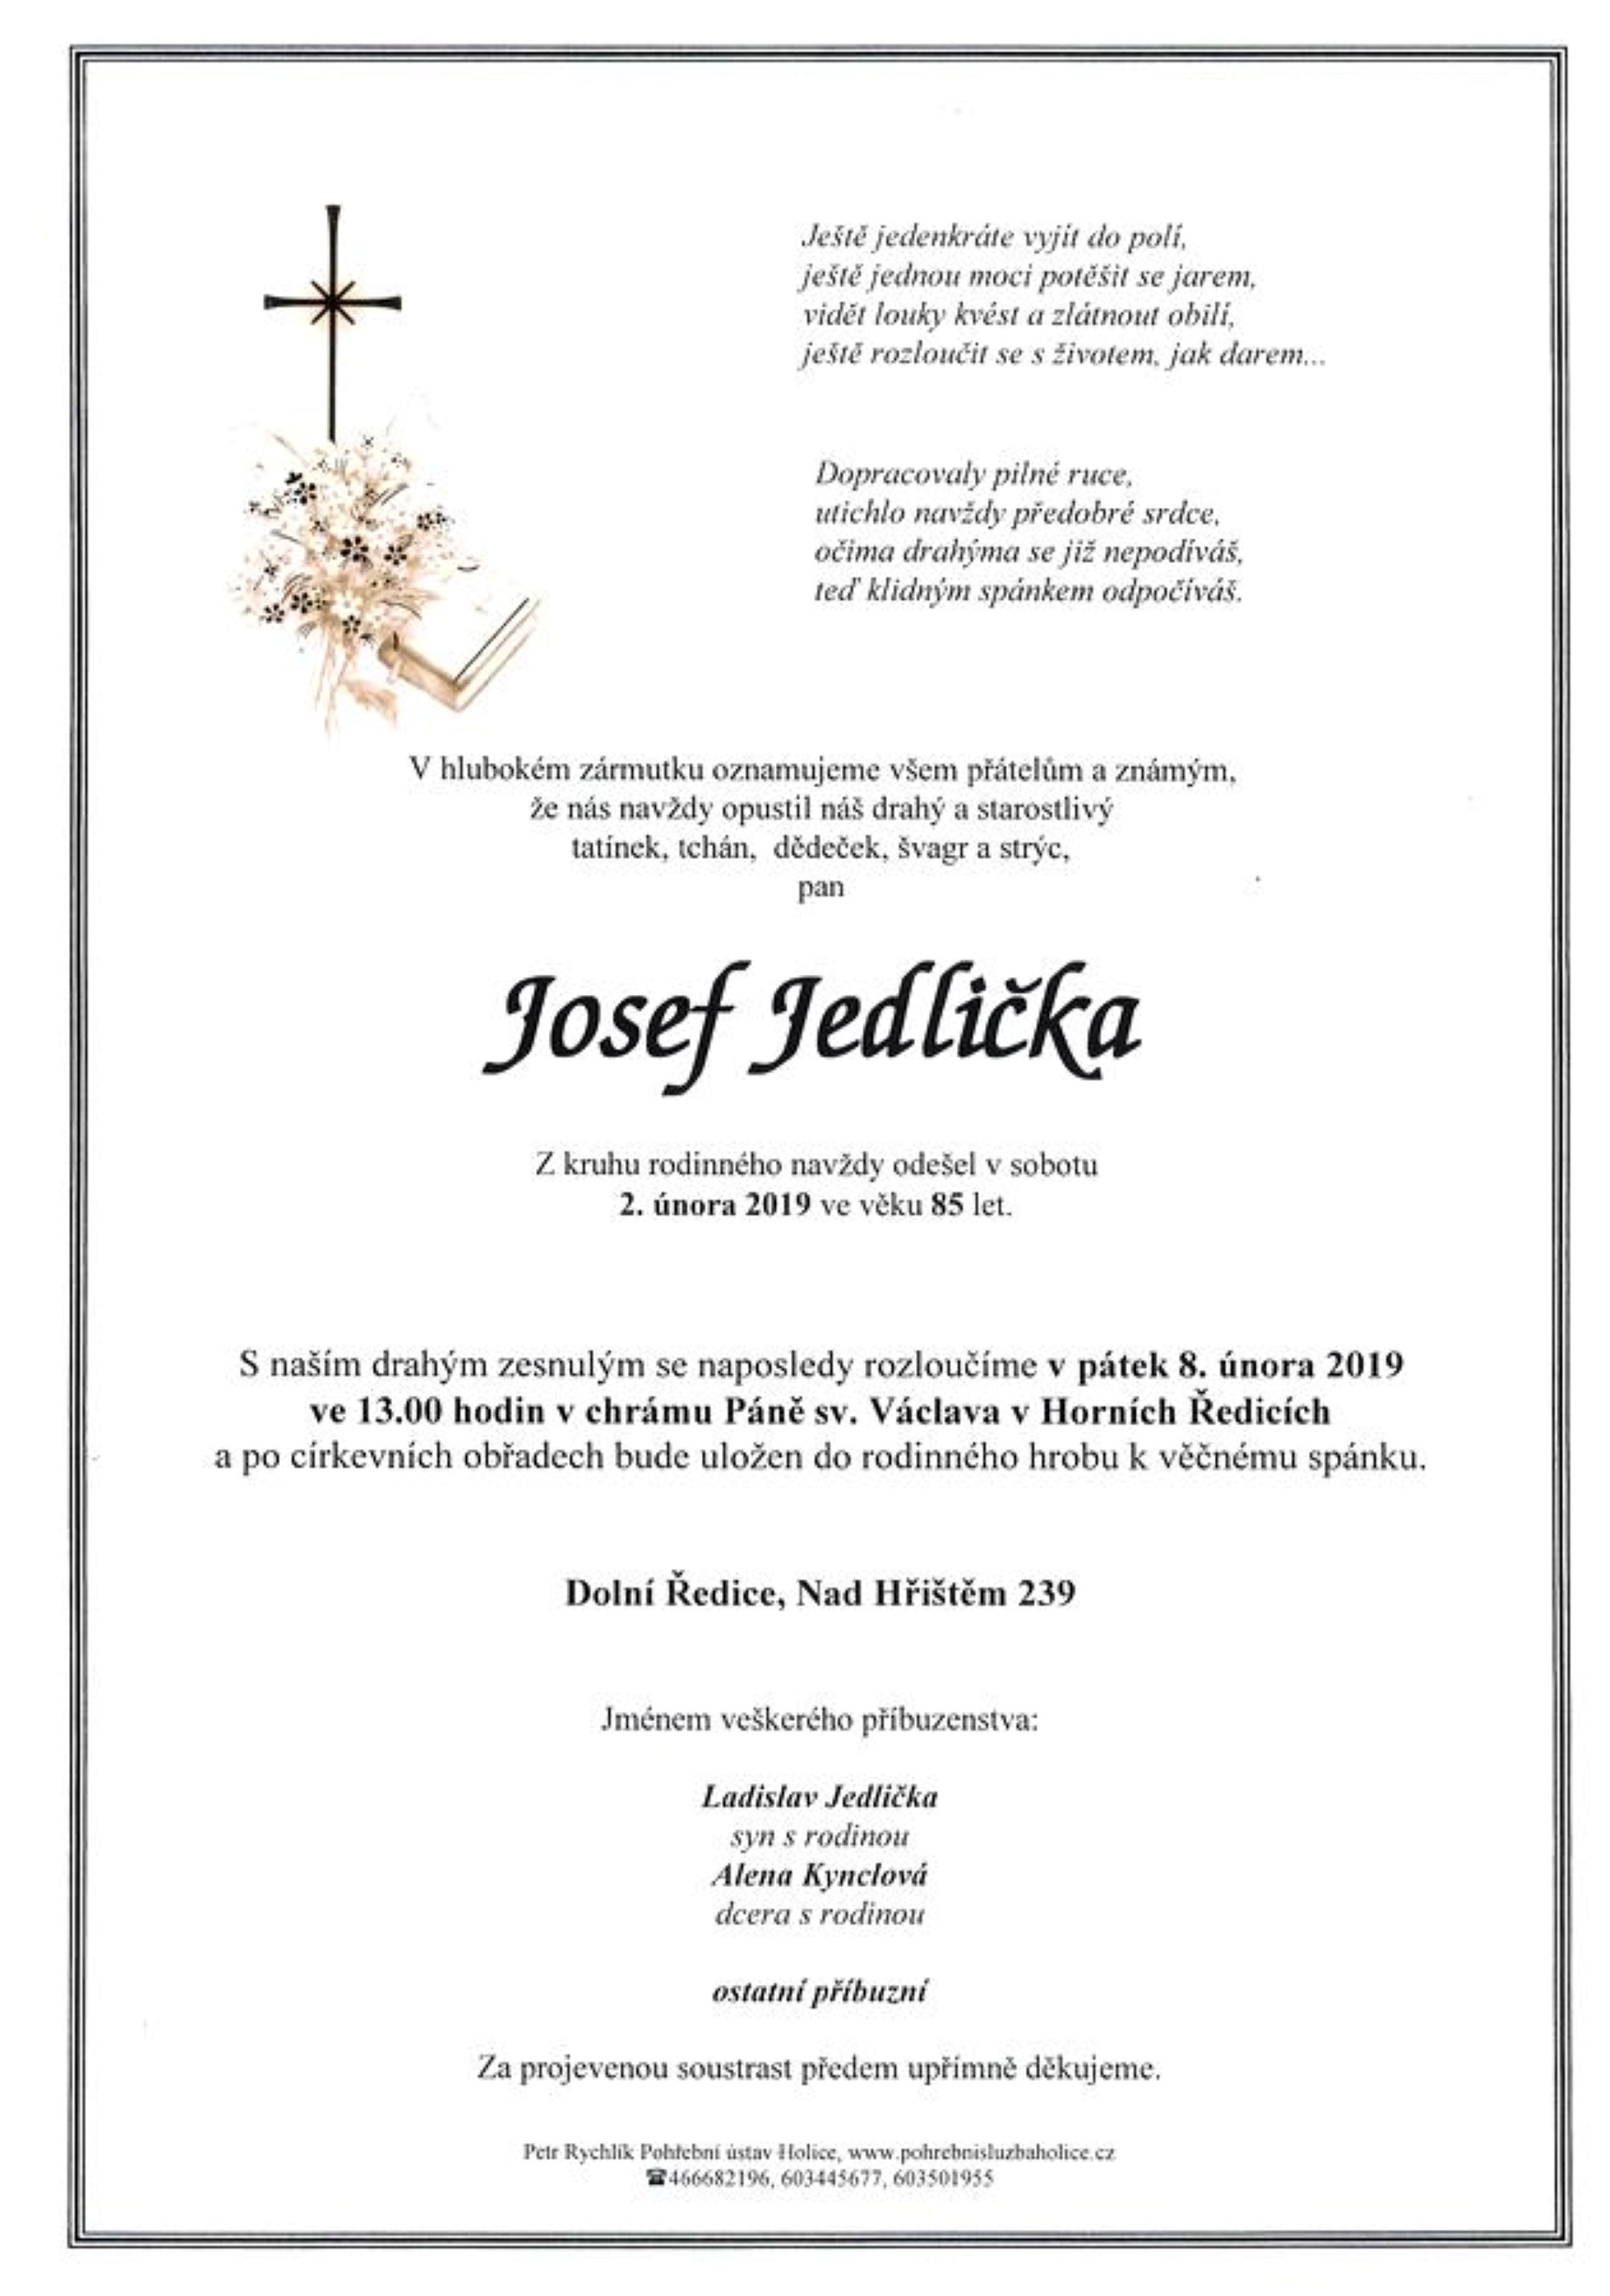 Josef Jedlička